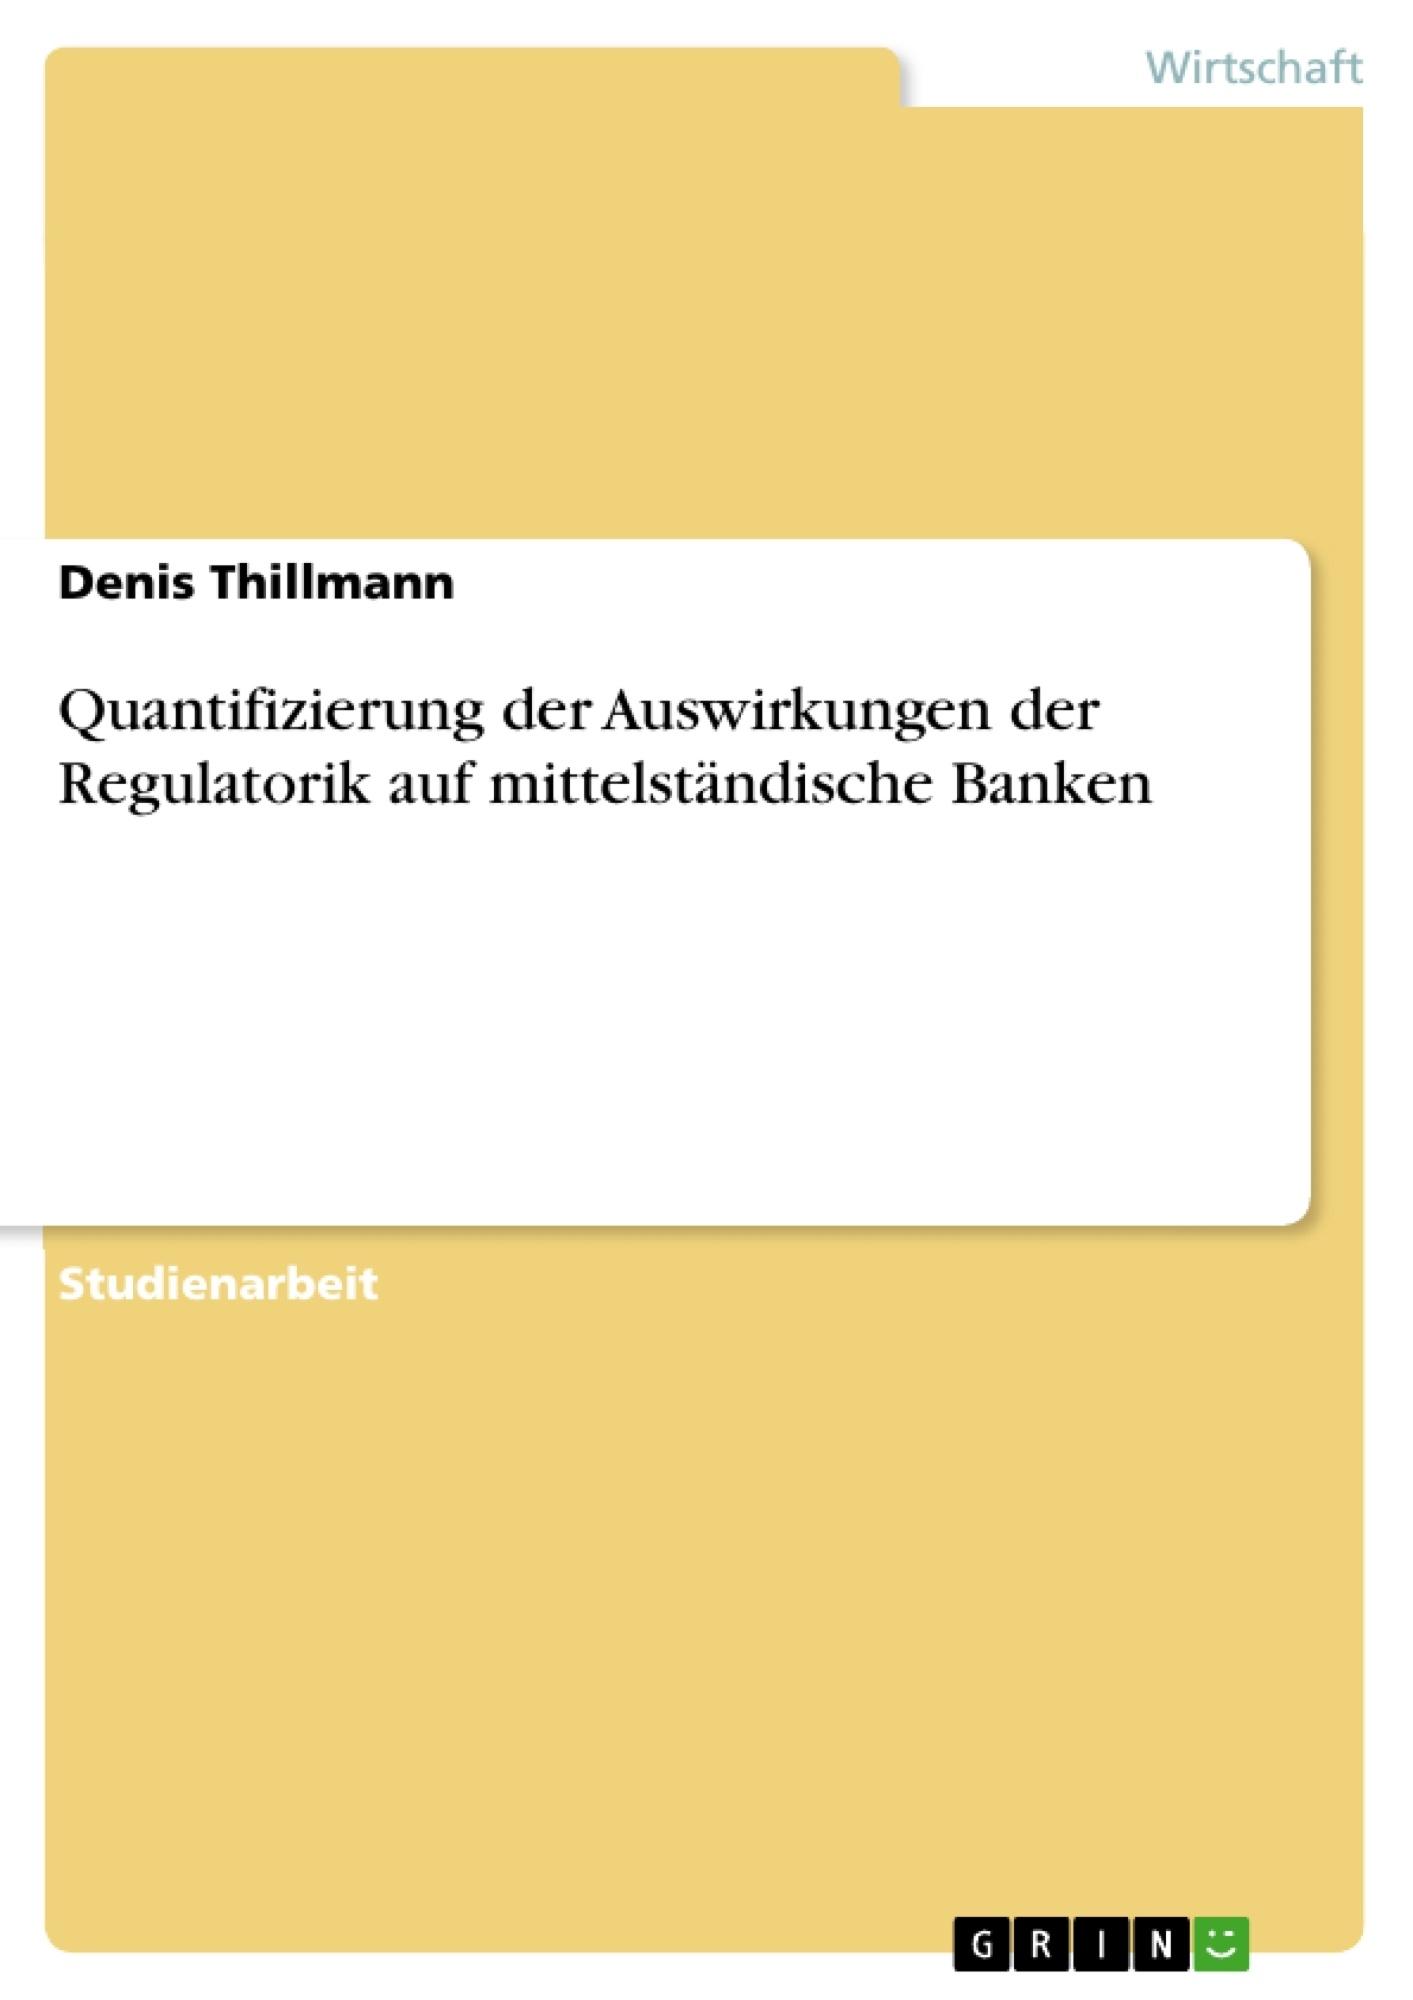 Titel: Quantifizierung der Auswirkungen der Regulatorik auf mittelständische Banken